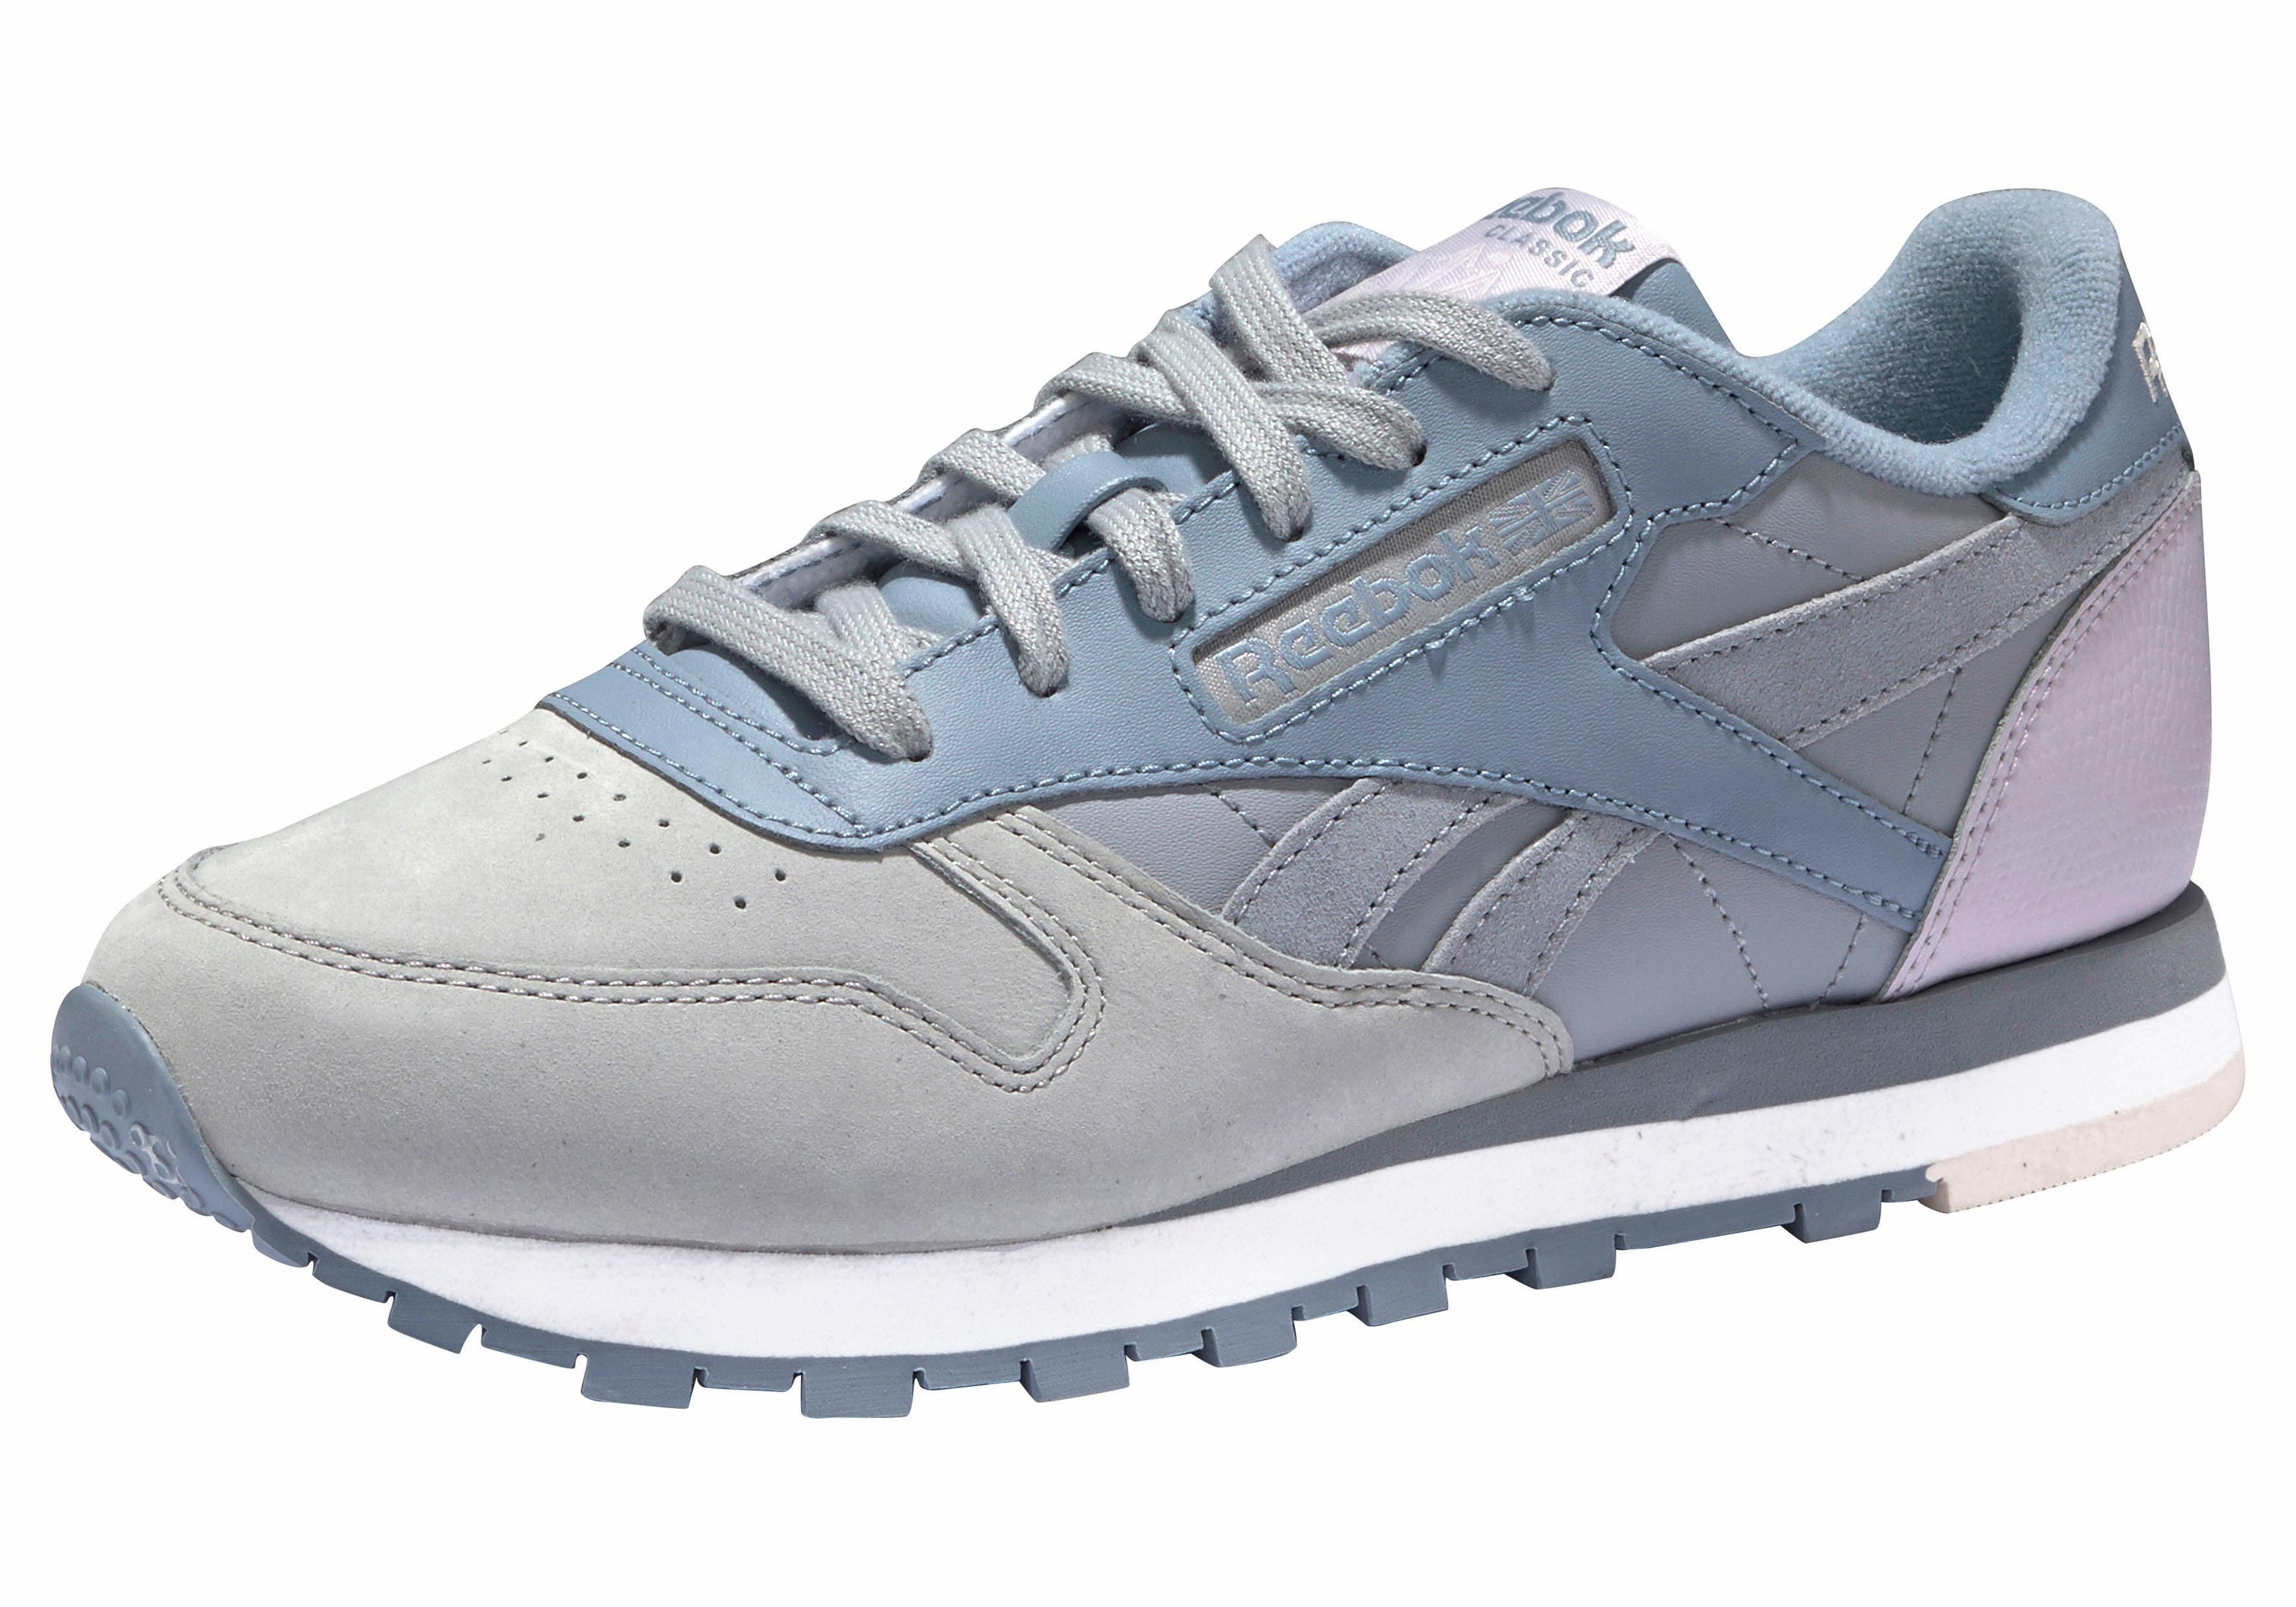 Reebok Cl Leather Satin W Lo Sneaker Schuhe grau 9cJqs